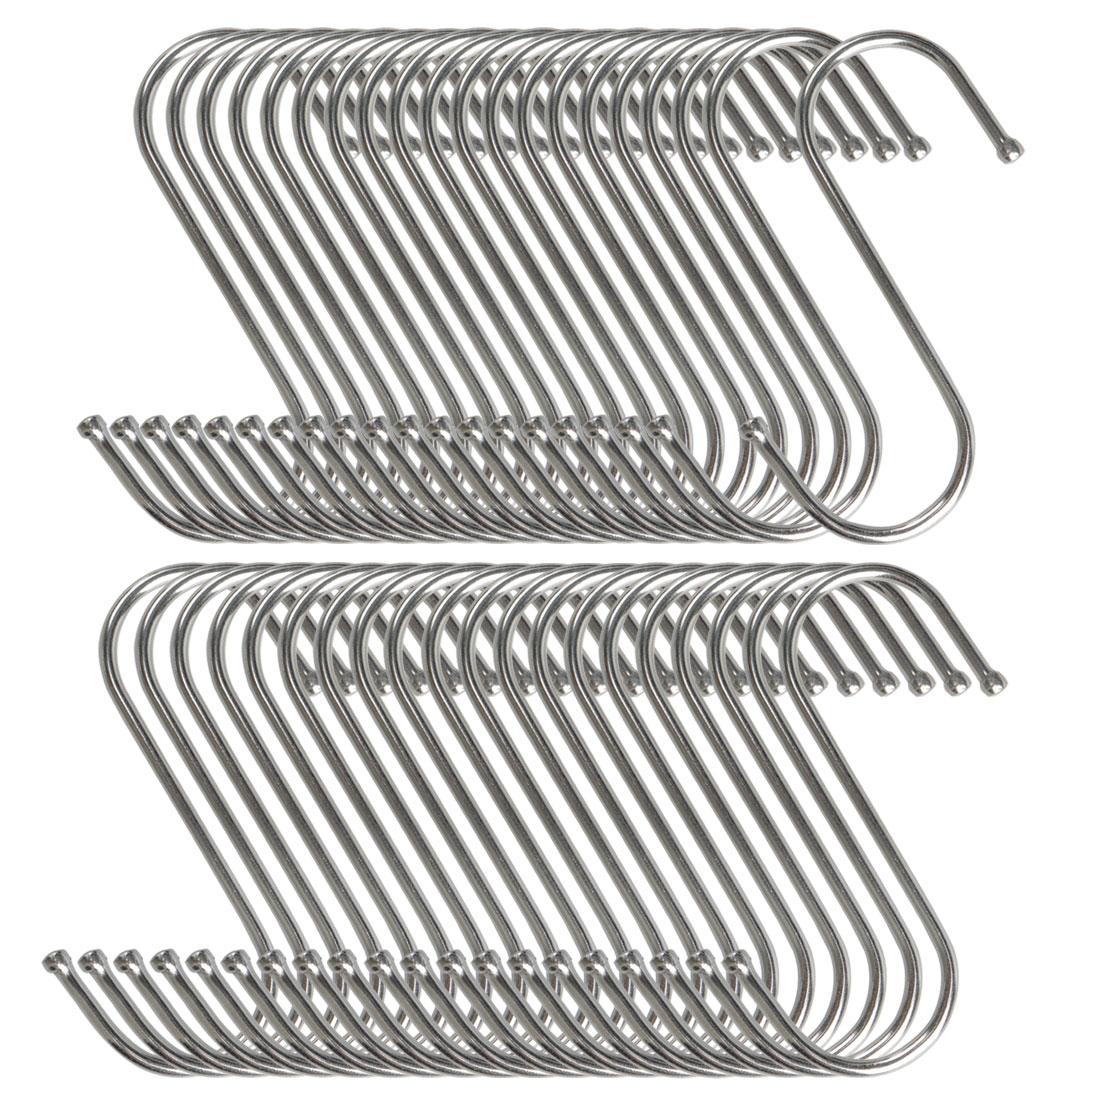 40pcs S Shaped Hook Stainless Steel for Kitchenware Pot Utensil Holder